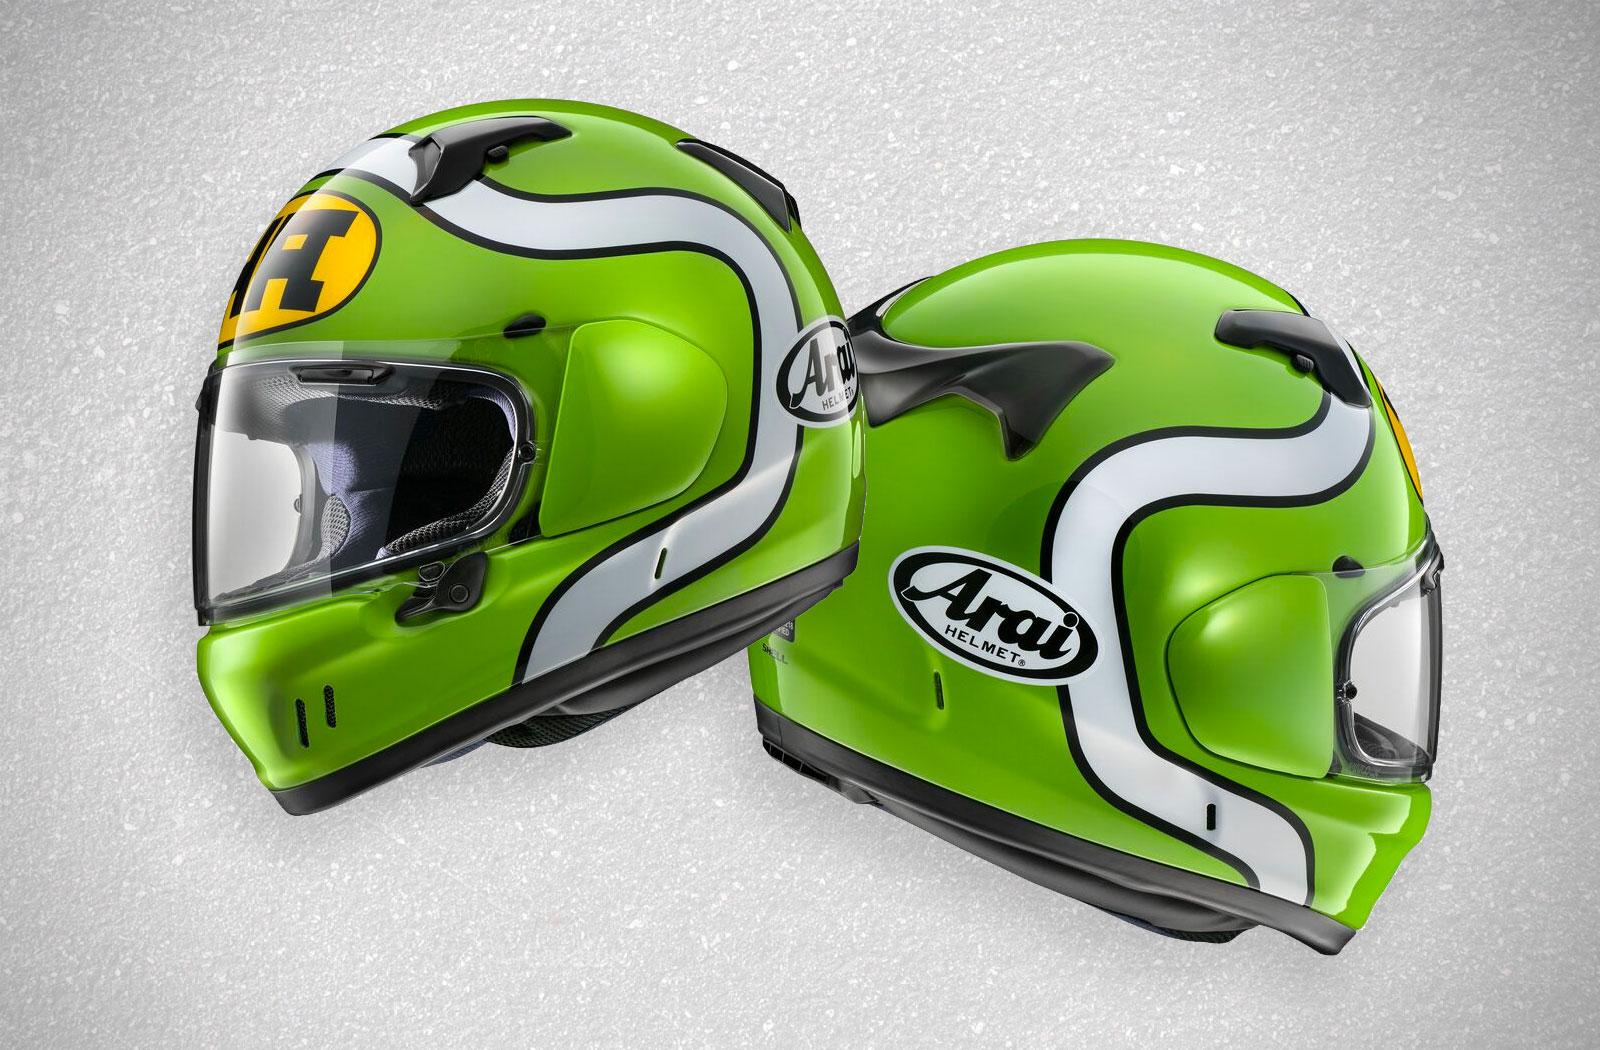 Arai Defiant-X HA helme